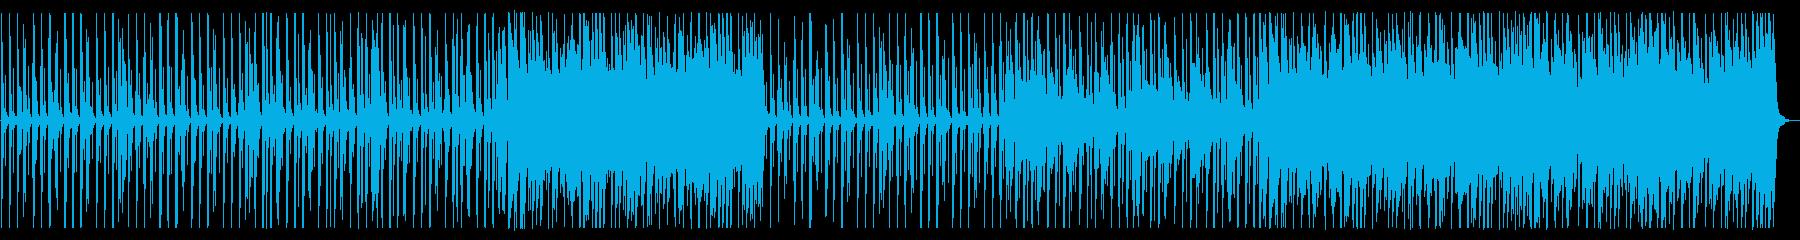 賑やかしくポップなBGM_No617_1の再生済みの波形